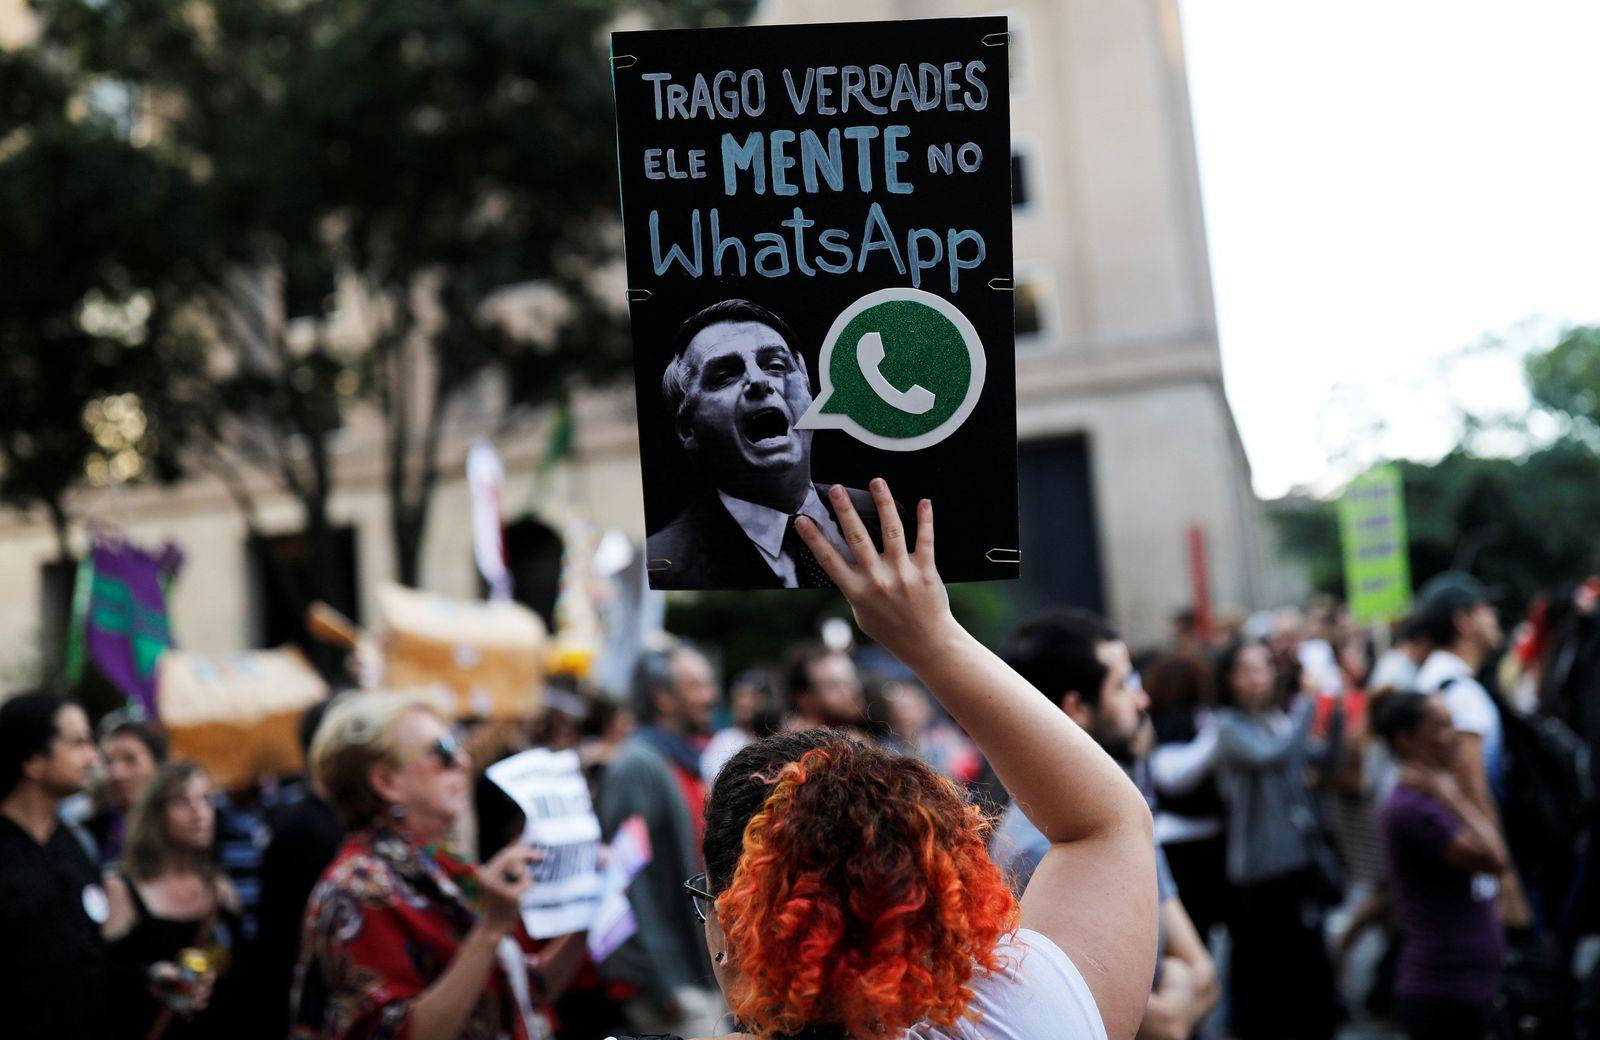 Brasilien / Whatsapp / Jair Bolsonaro